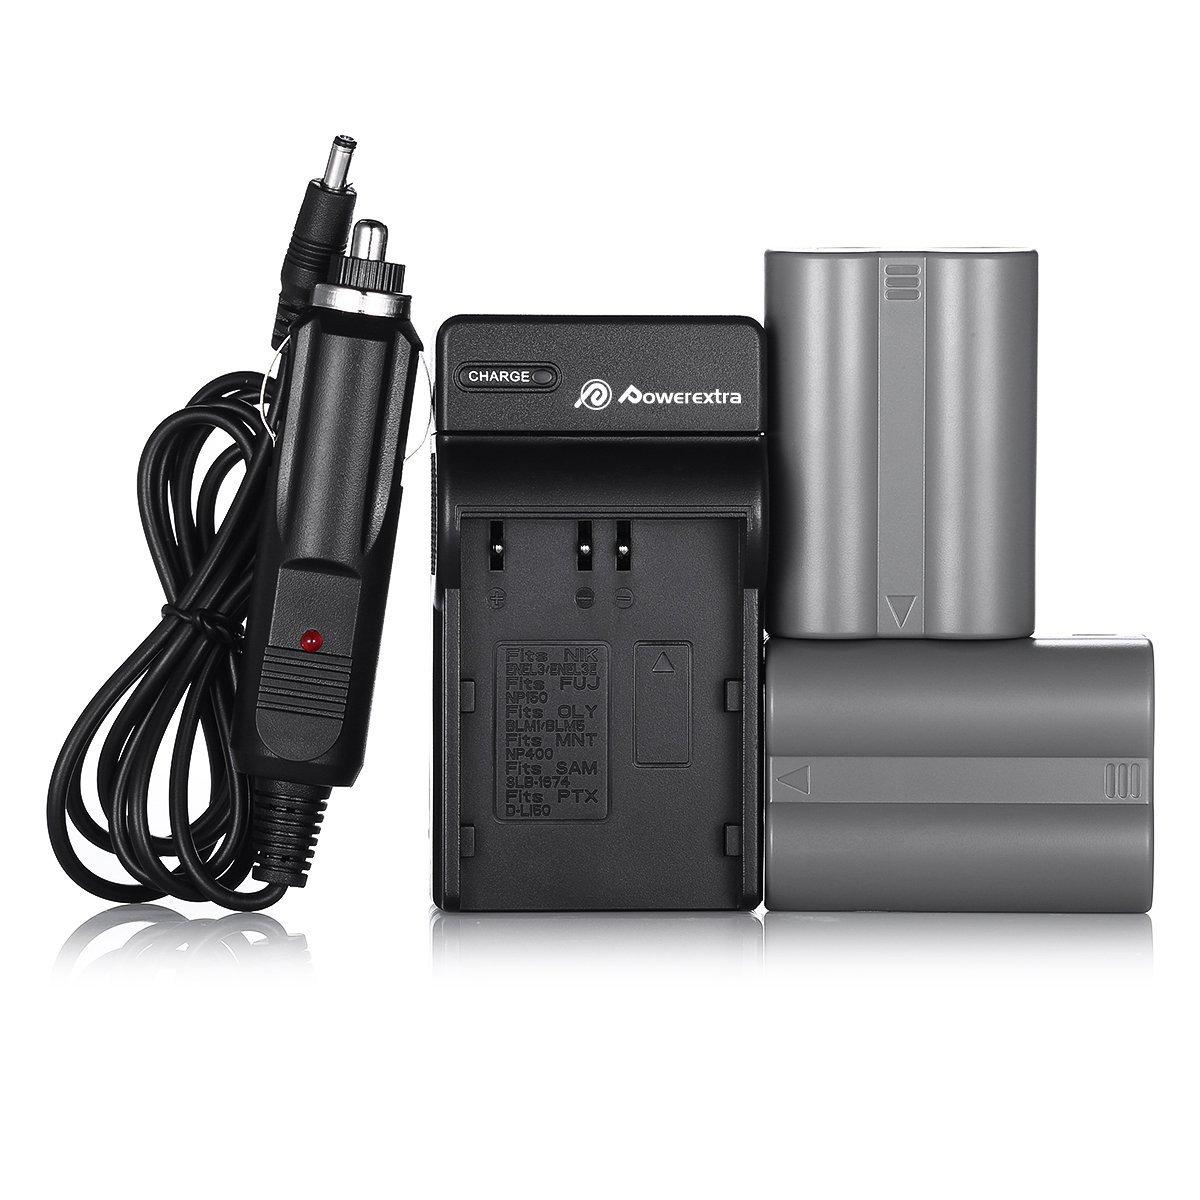 EN-EL3E Powerextra 2X Replacement Nikon EN-EL3E Battery & Charger Compatible with Nikon D50, D70, D70s, D80, D90, D100, D200, D300, D300S, D700 D900 Digital Cameras (Free Car Charger Available)